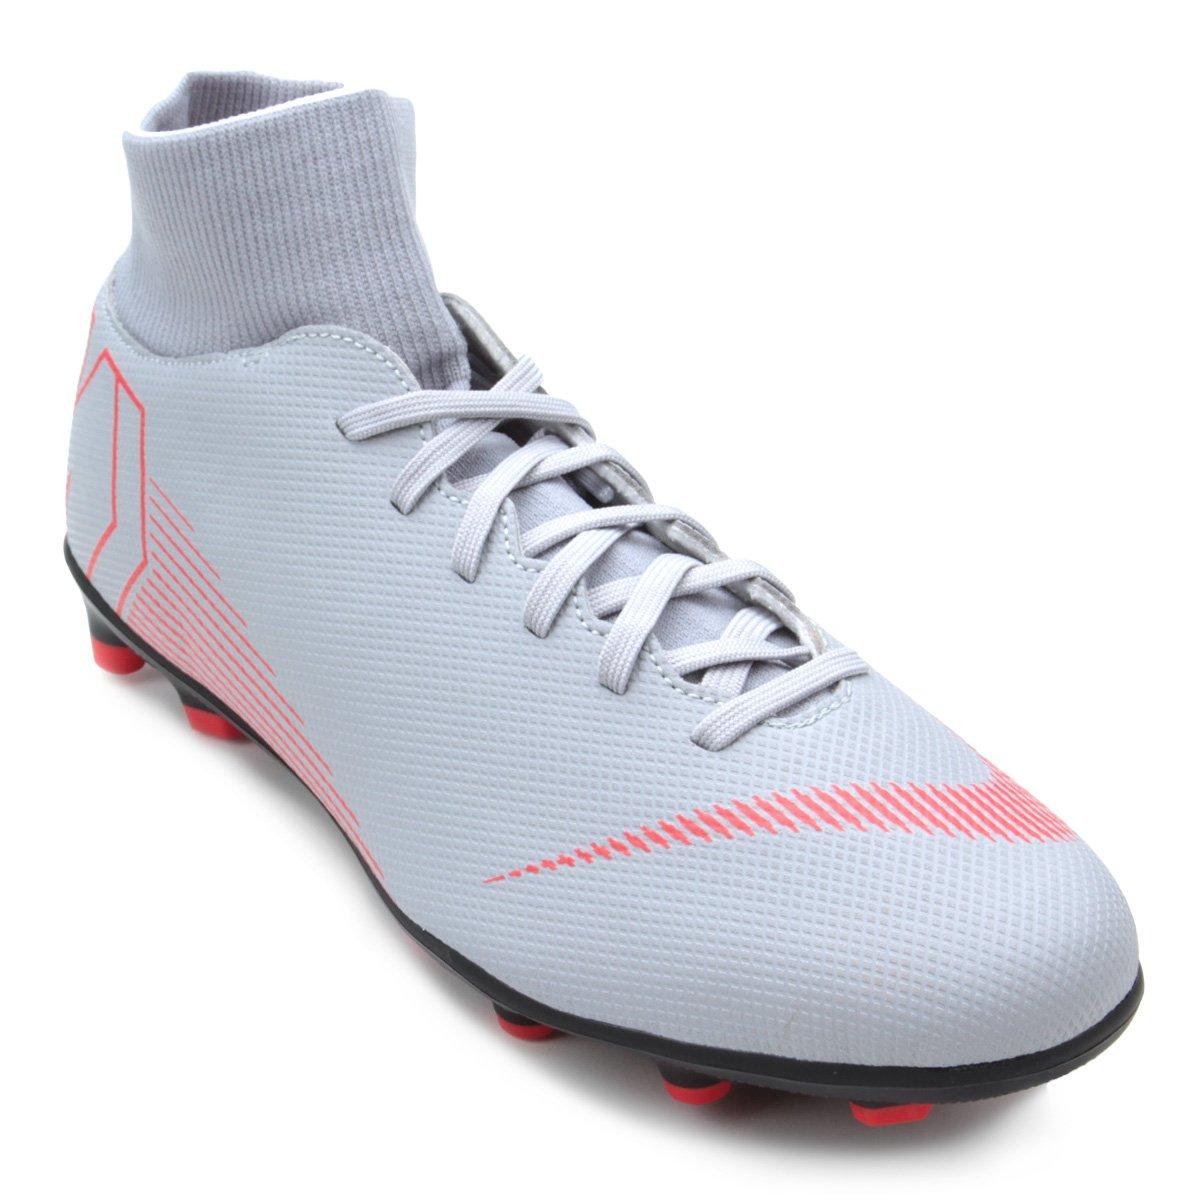 7550bd091b608 Chuteira Campo Nike Mercurial Superfly 6 Club - Cinza e Preto | Shop Timão